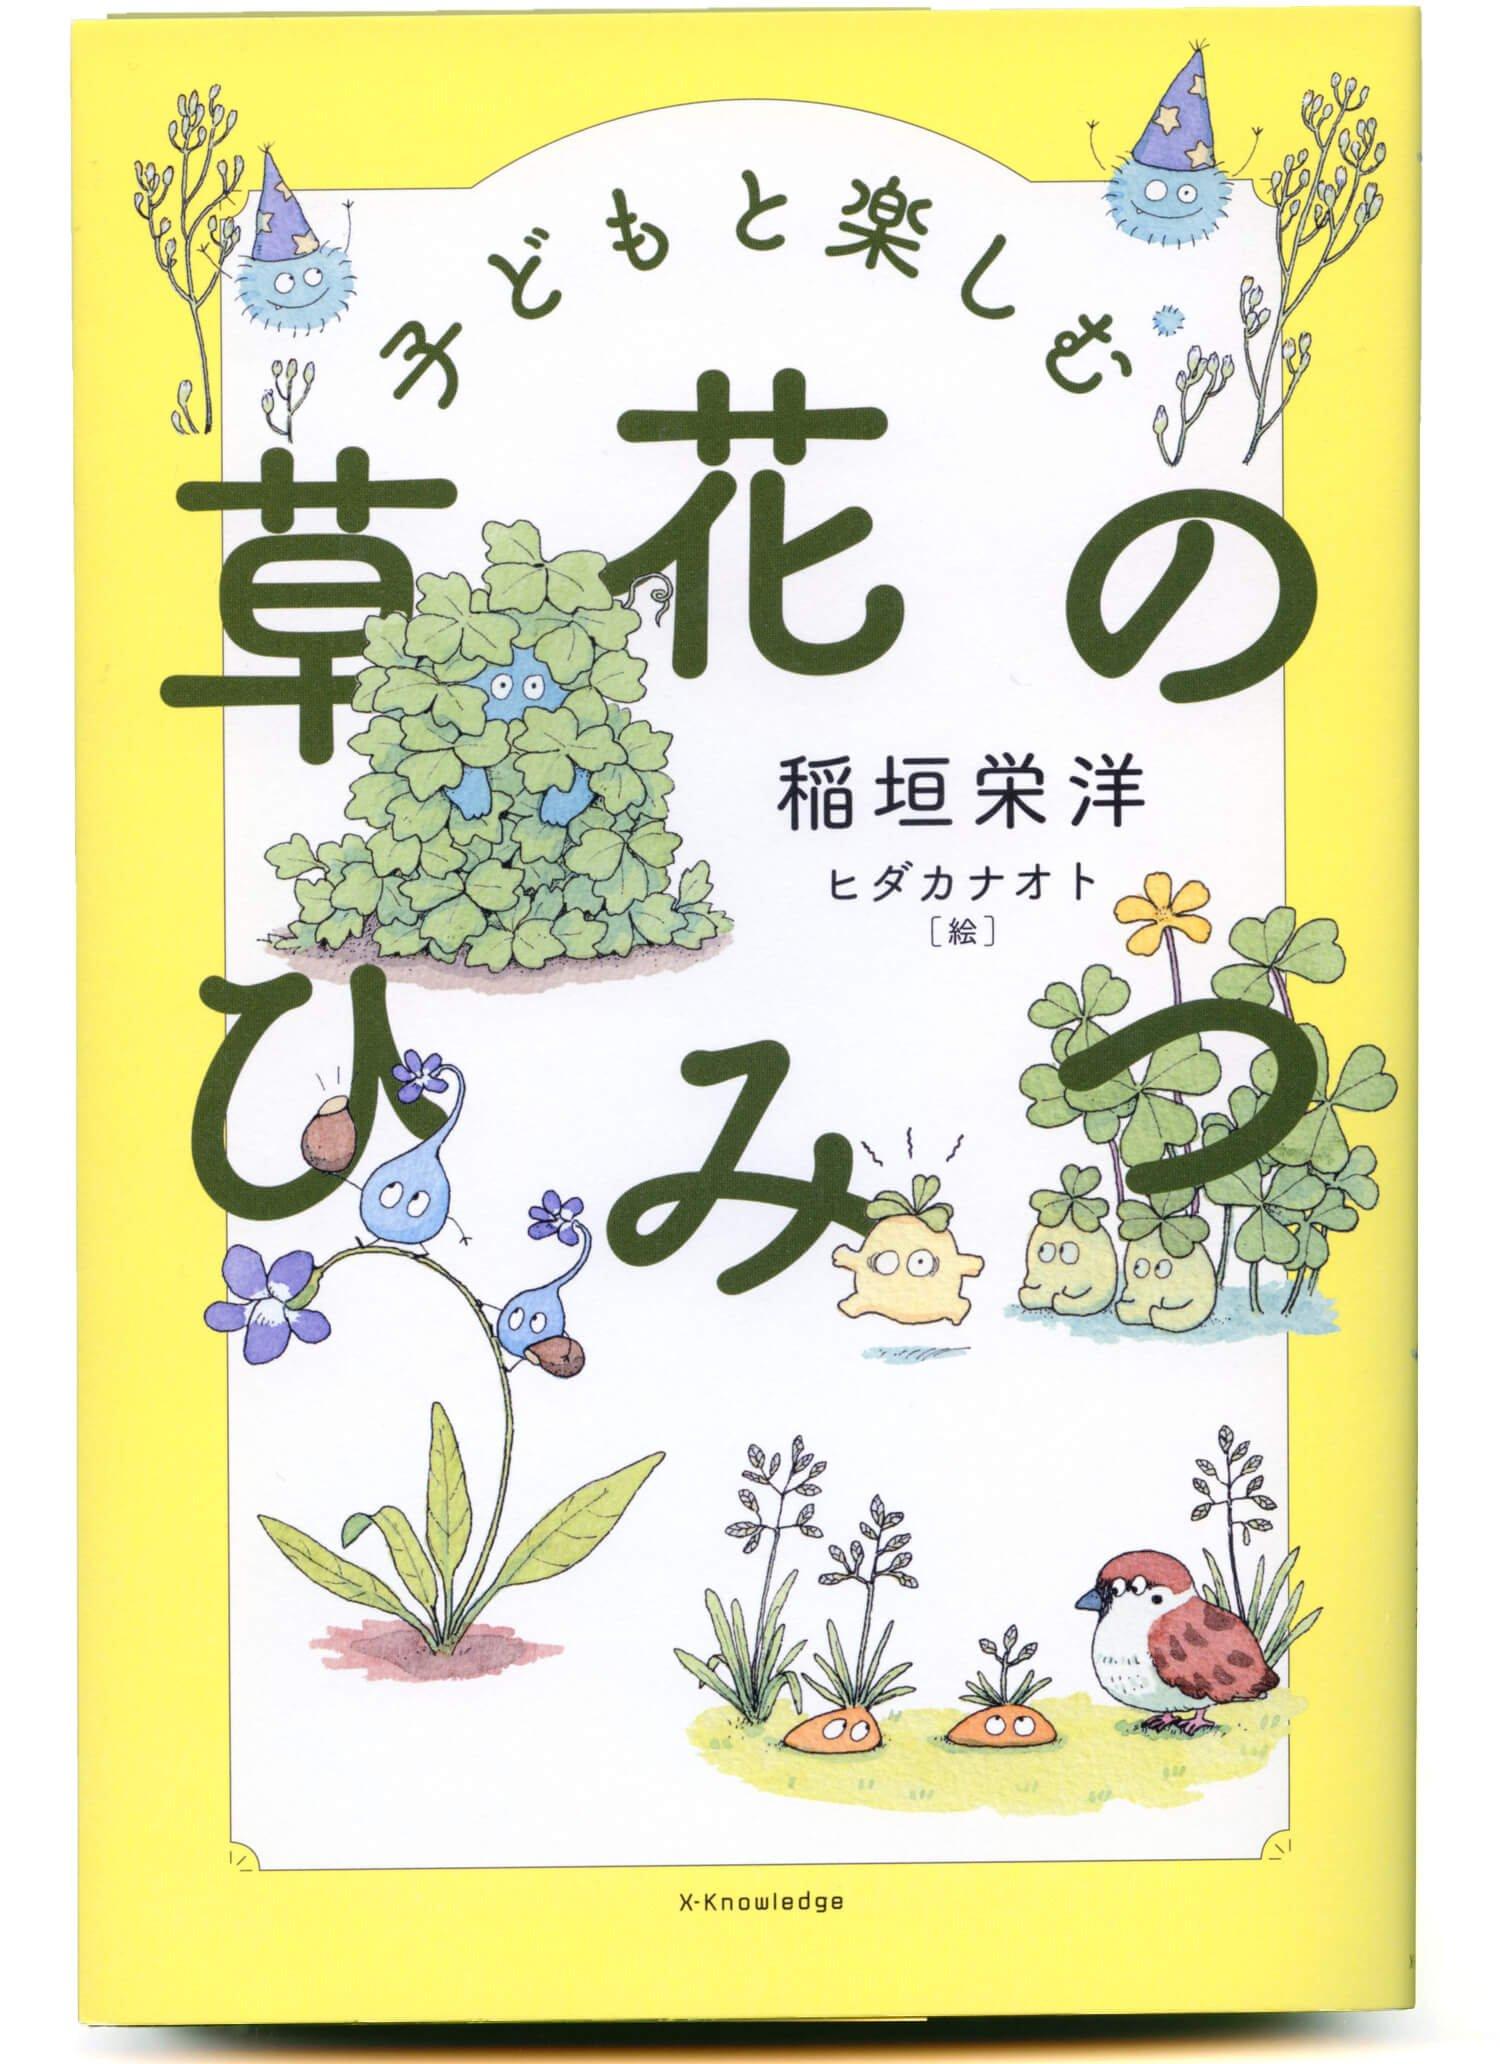 稲垣栄洋 著 ヒダカナオト イラスト/ エクスナレッジ/ 1540円+税